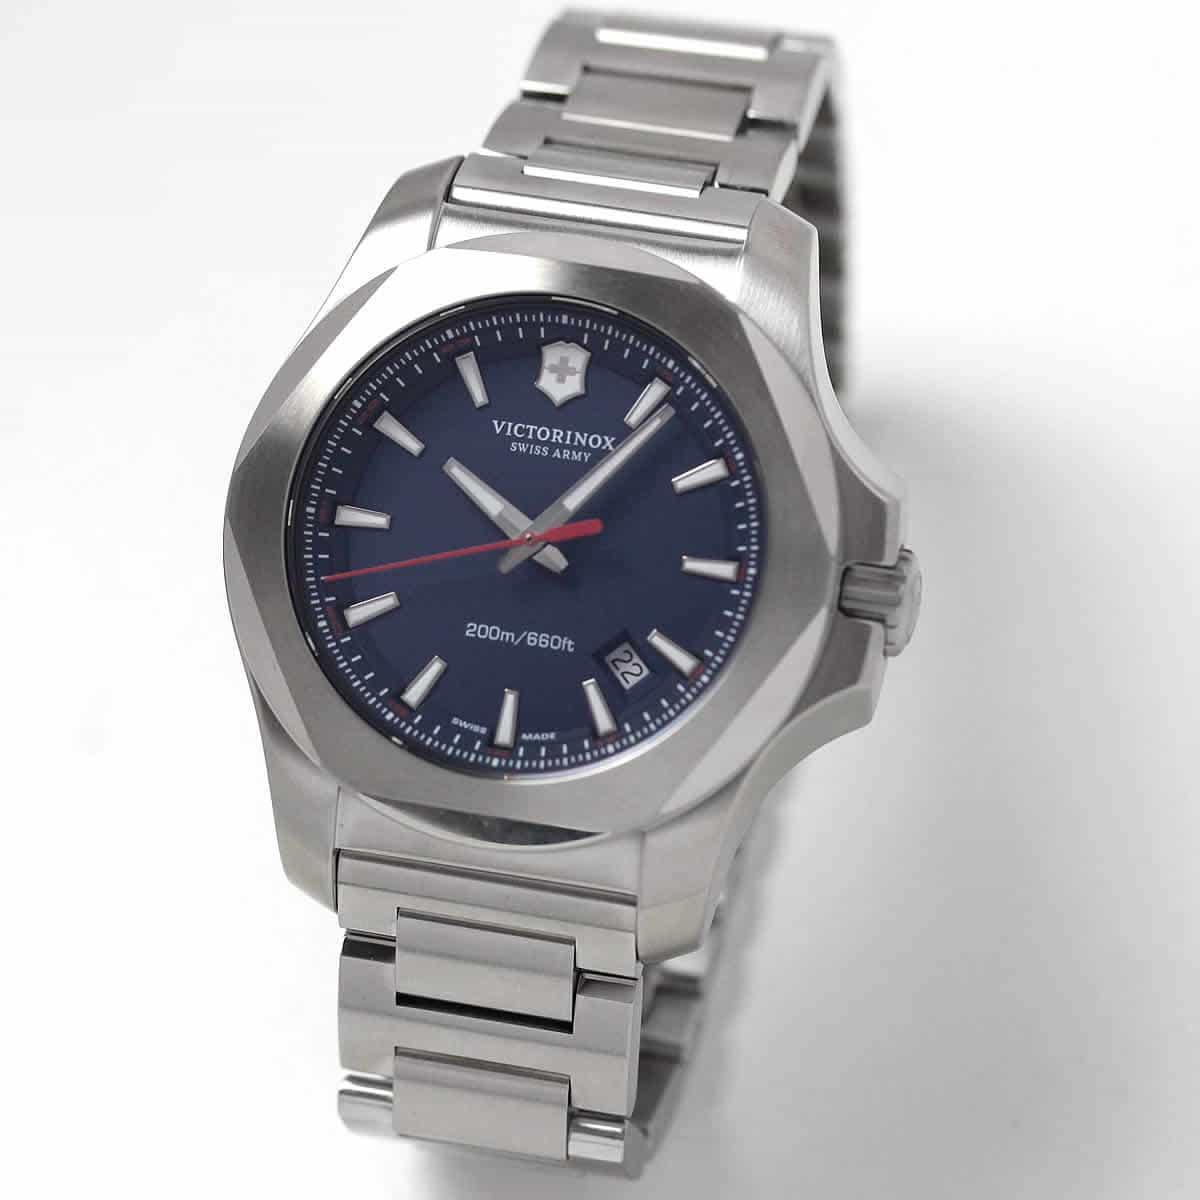 ビクトリノックススイスアーミー I.N.O.X. (イノックス) ステンレスベルト ブルー文字盤 241724.1 腕時計